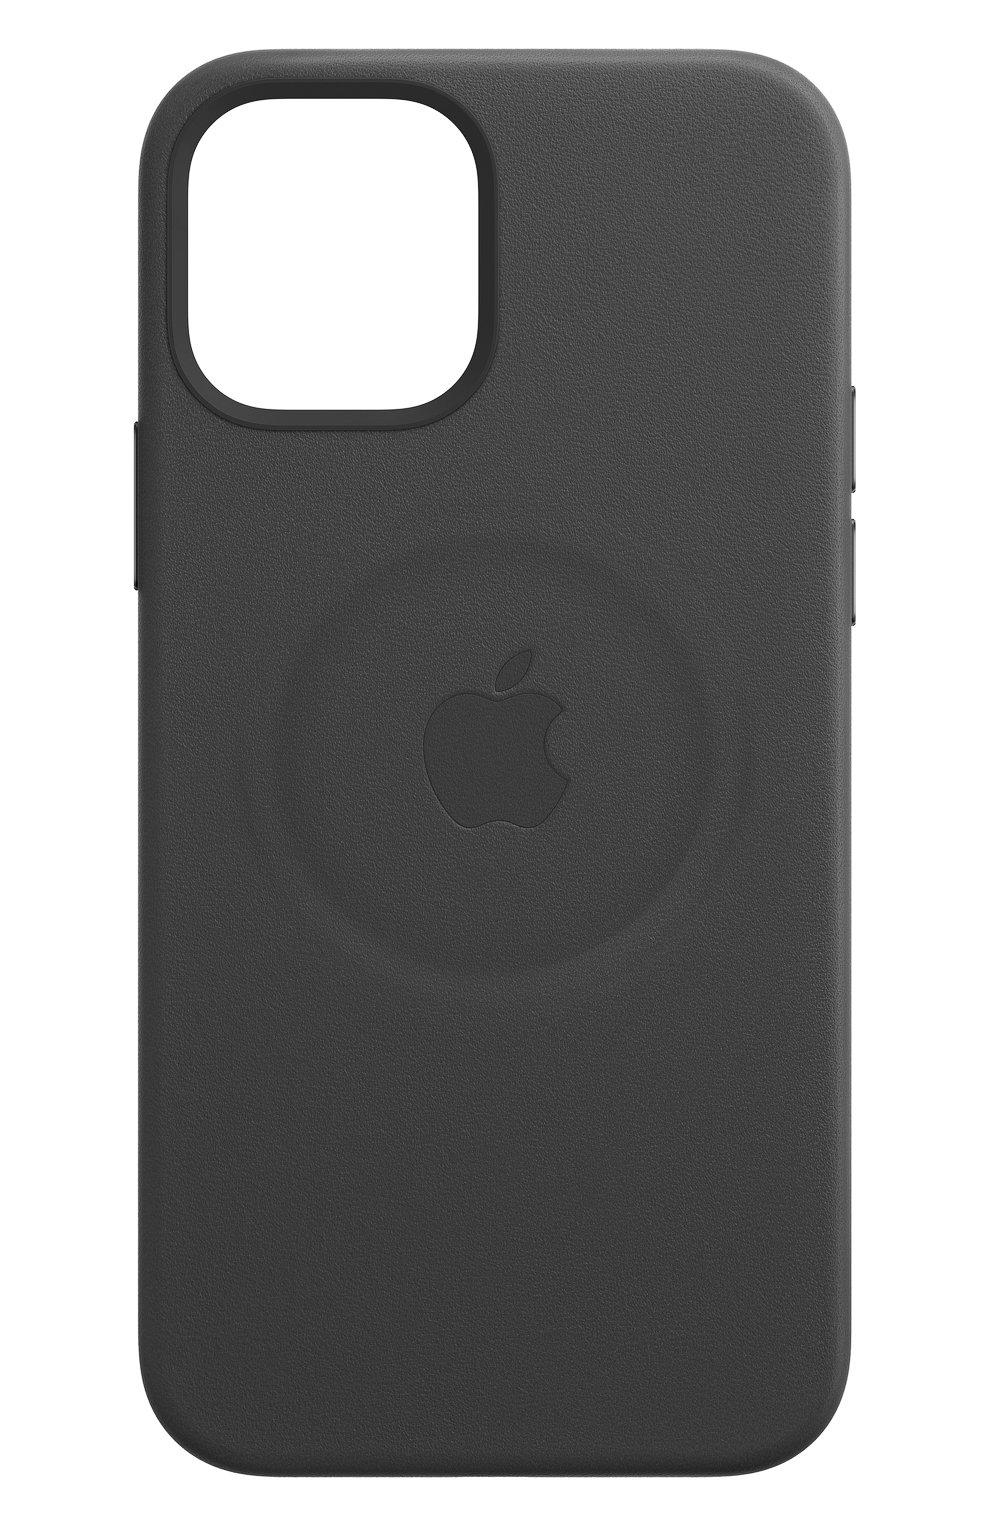 Чехол magsafe для iphone 12 pro max APPLE  black цвета, арт. MHKM3ZE/A | Фото 1